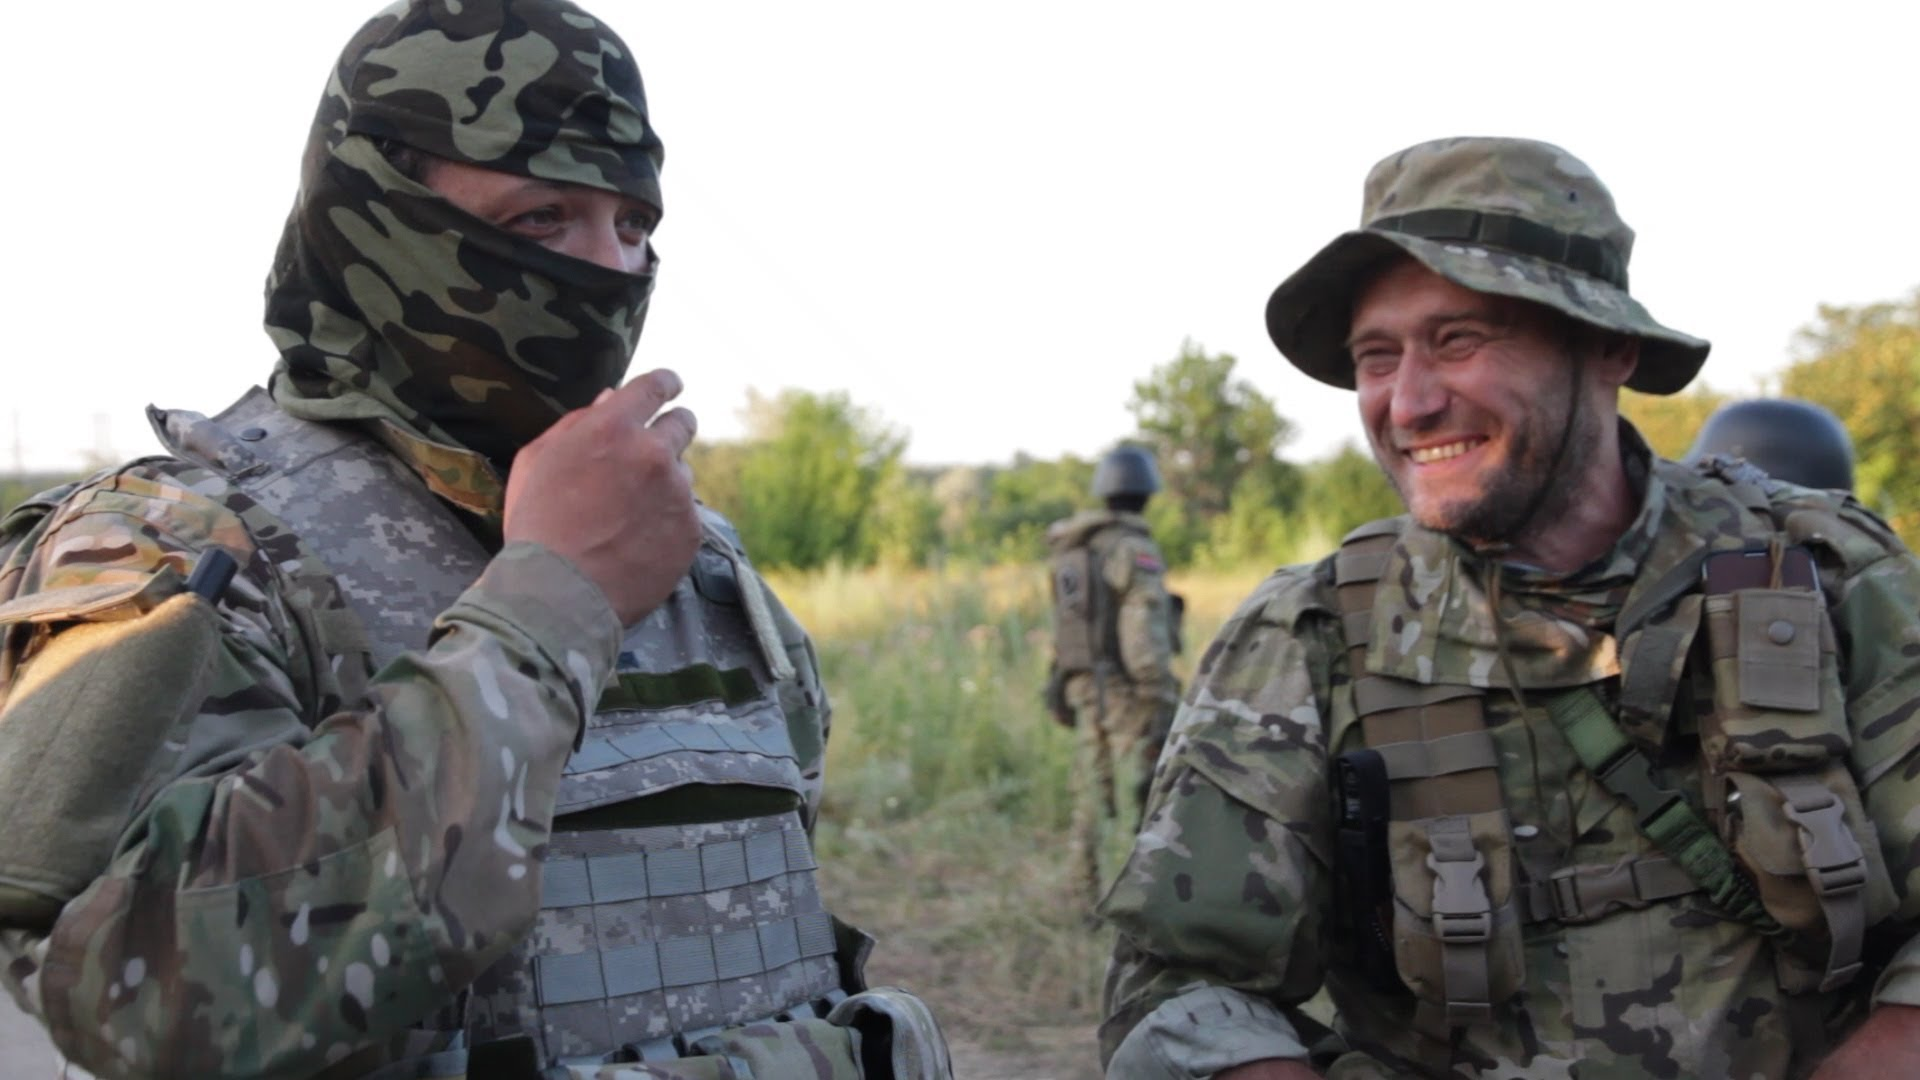 Дмитрий Ярош баллотируется по мажоритарному округу, в котором воюет против российских оккупантов